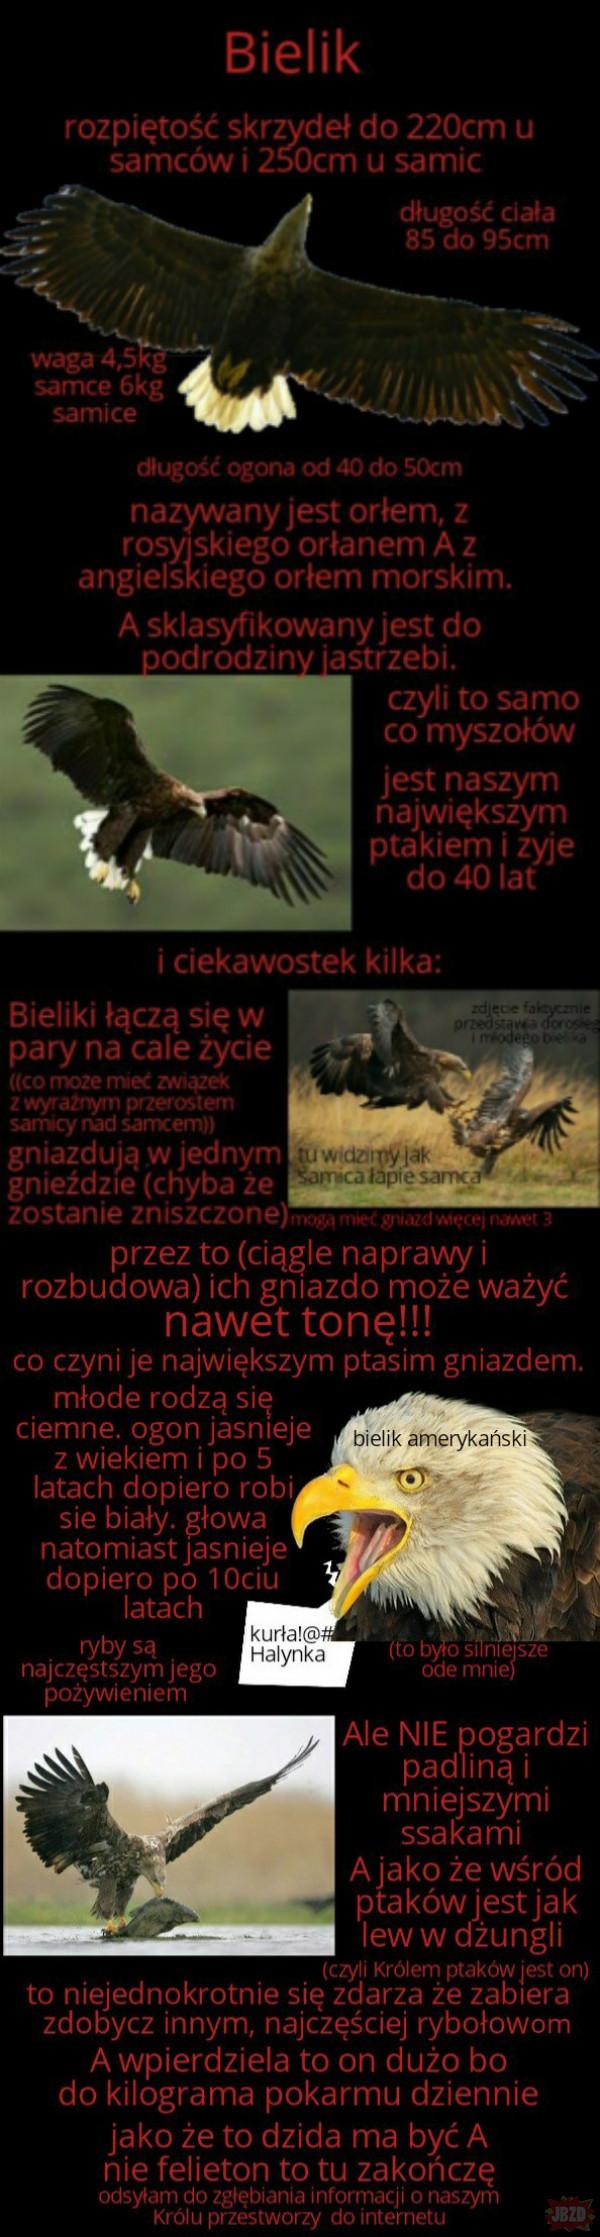 Najciekawsze  ptaki w Polsce cz.6 (poprawiona)